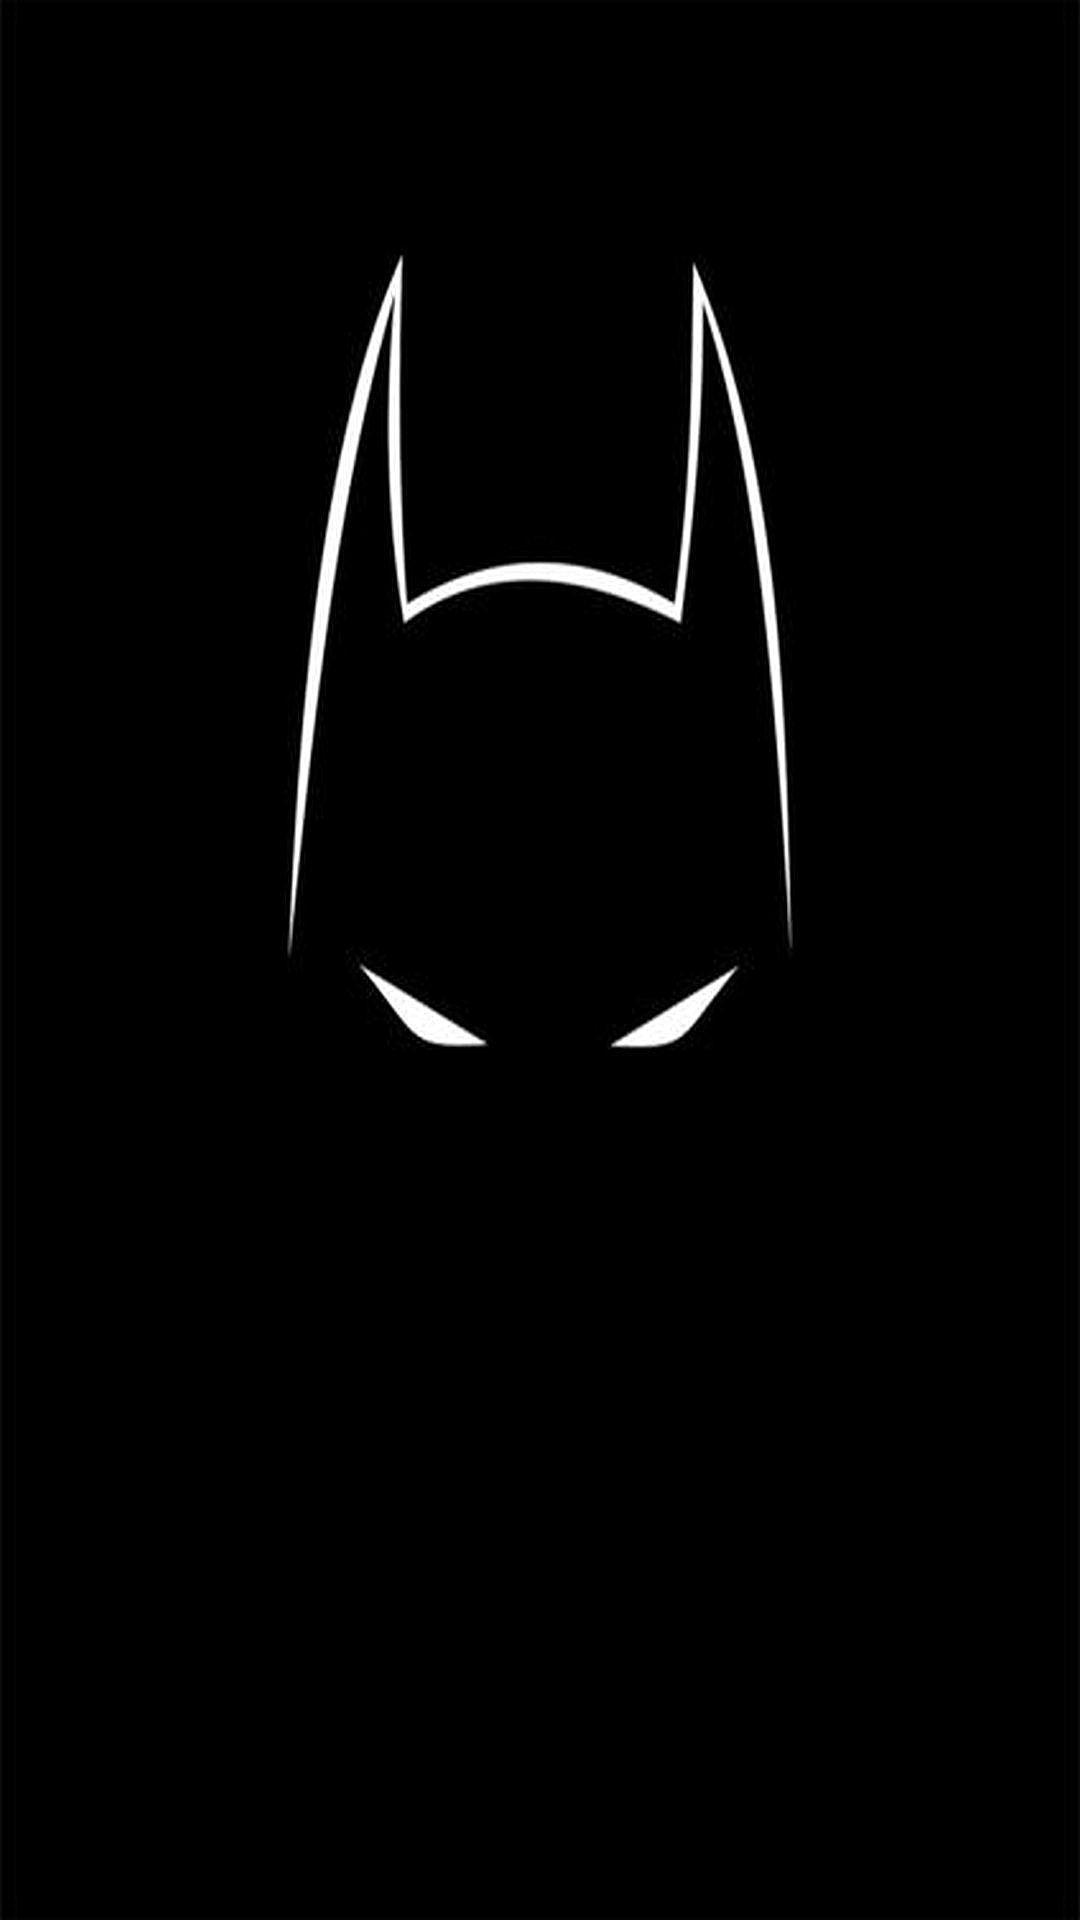 Download Batman Apple Iphone 5s Hd Wallpapers 4646027